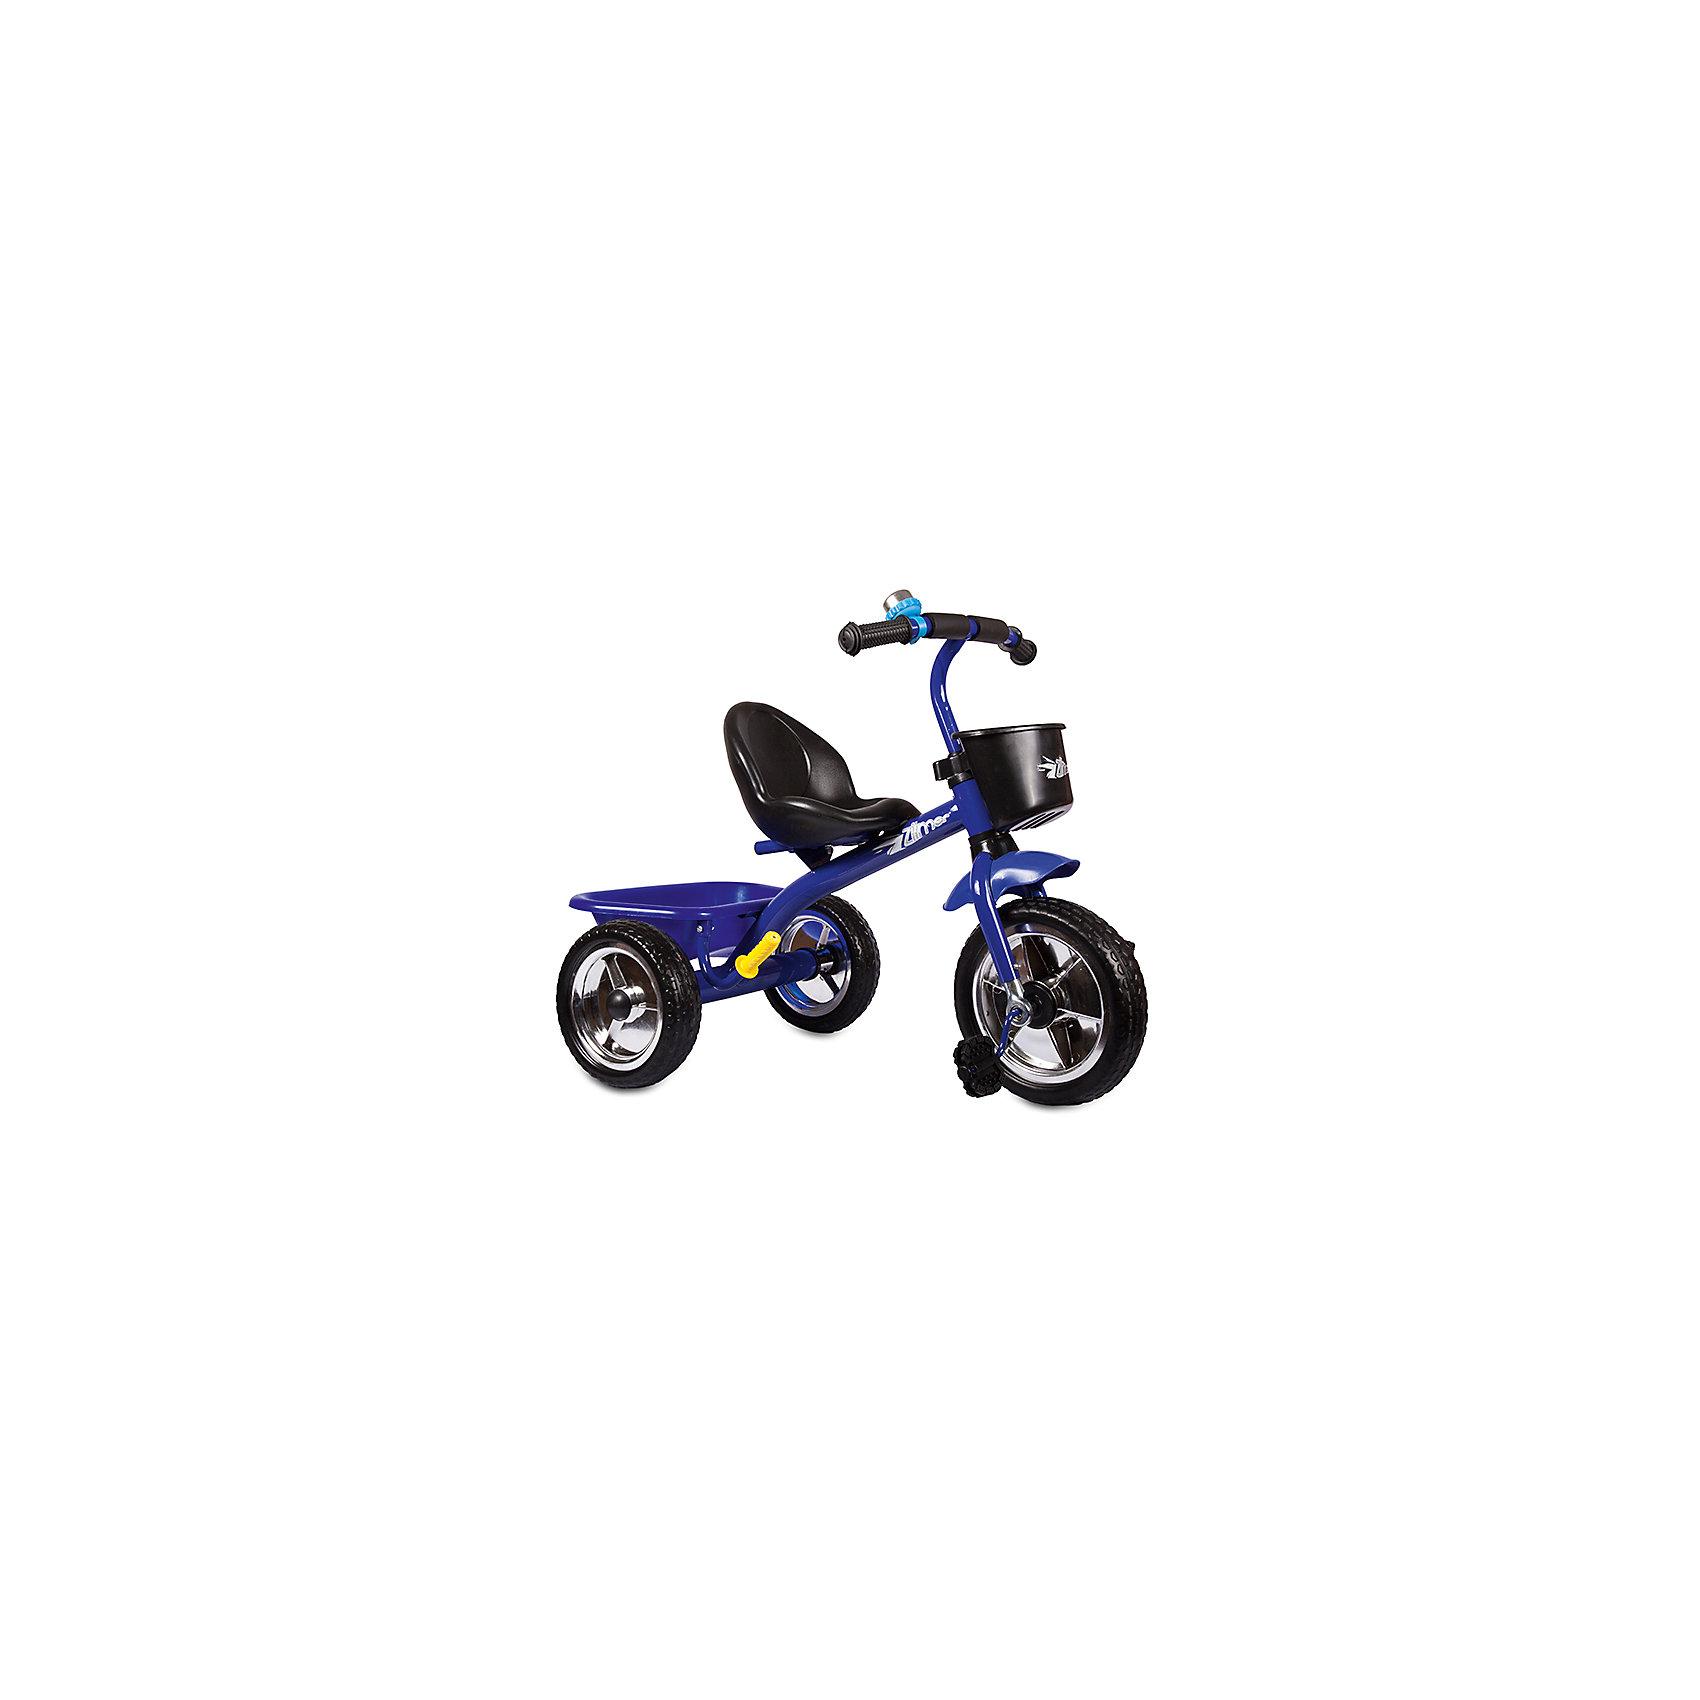 Трехколесный велосипед Голден Люкс, синий, Zilmer